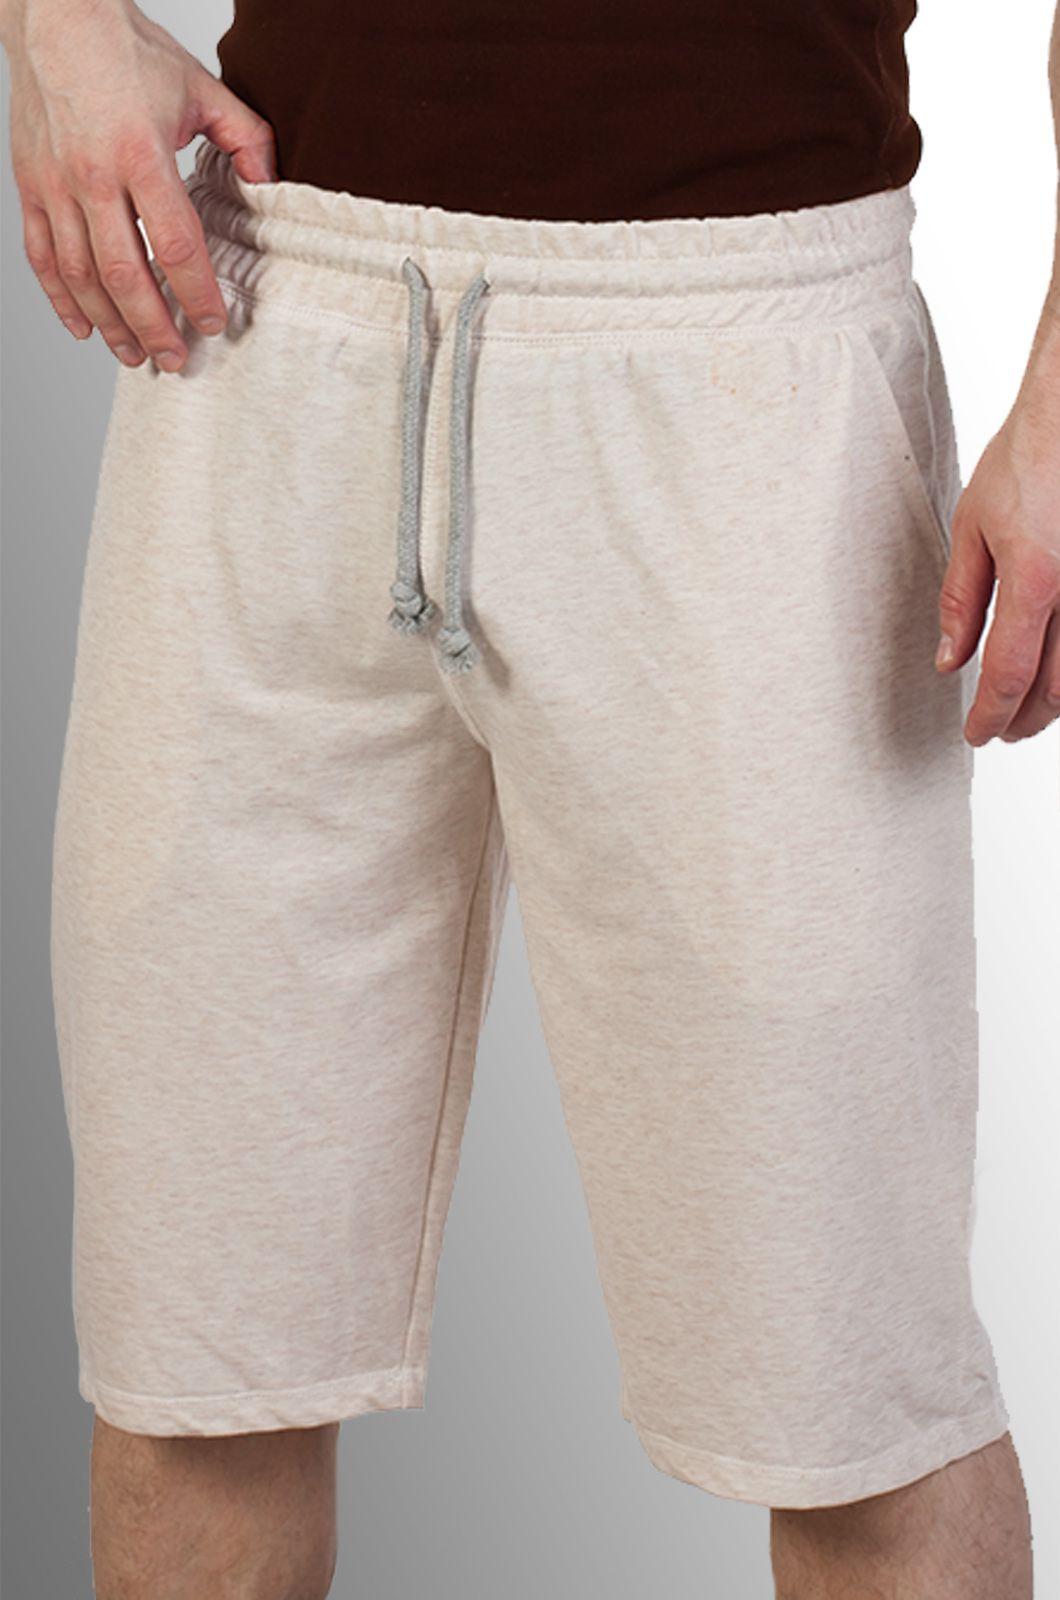 Летние шорты для мужчин - новая коллекция